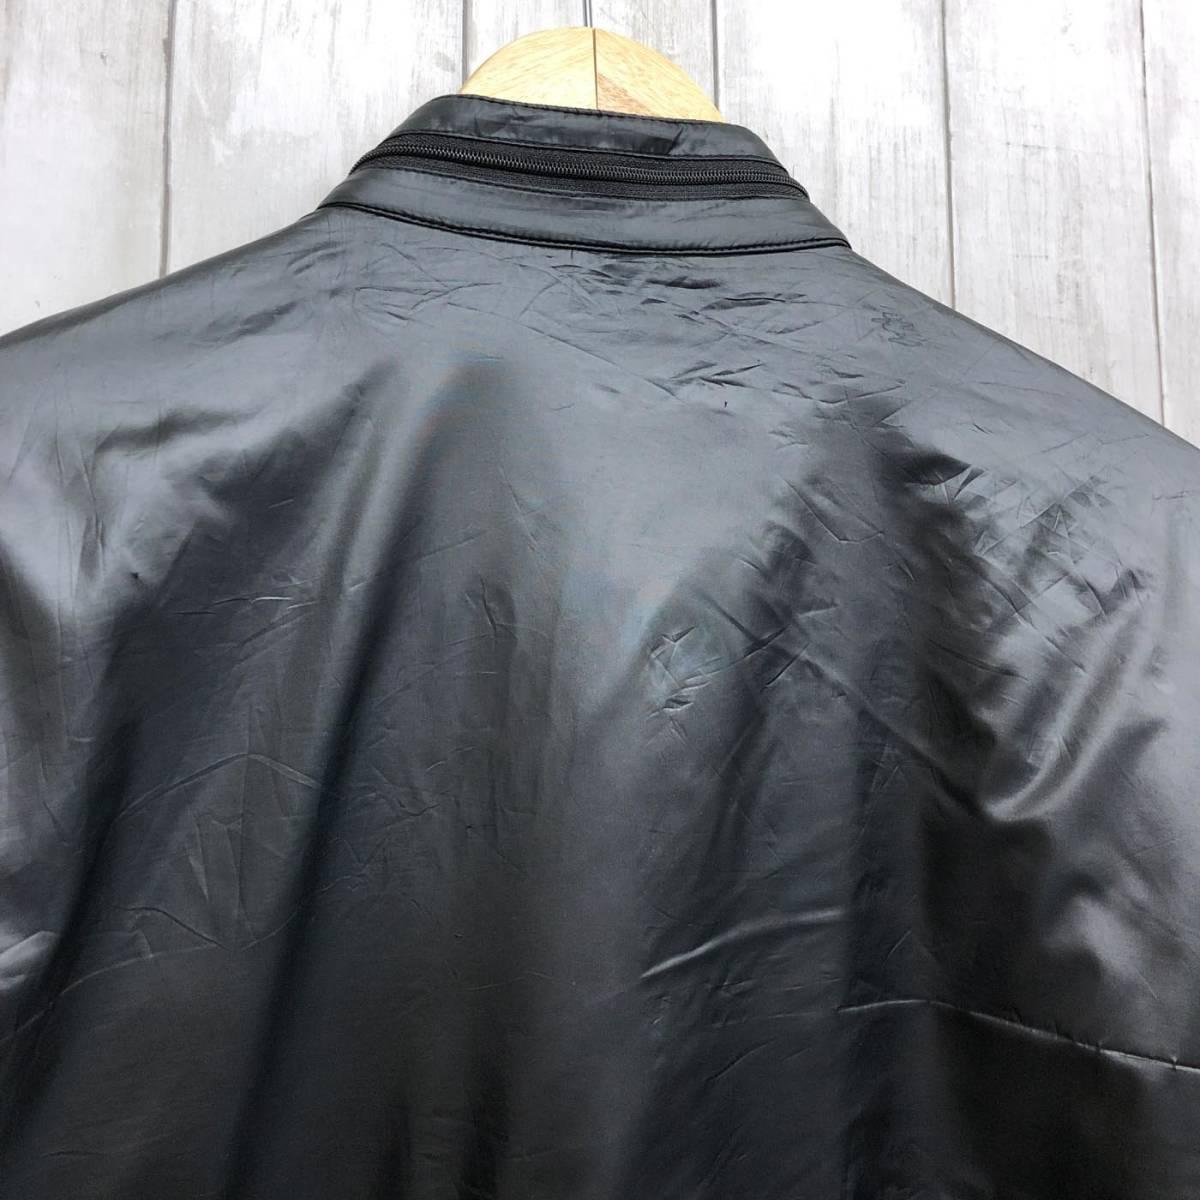 アディダス adidas ジャケット ジャージ スウェット ウィンドブレーカー ダウン 中綿 ブラック MA-1 ブルゾン メンズ Lサイズ 6-29_画像10